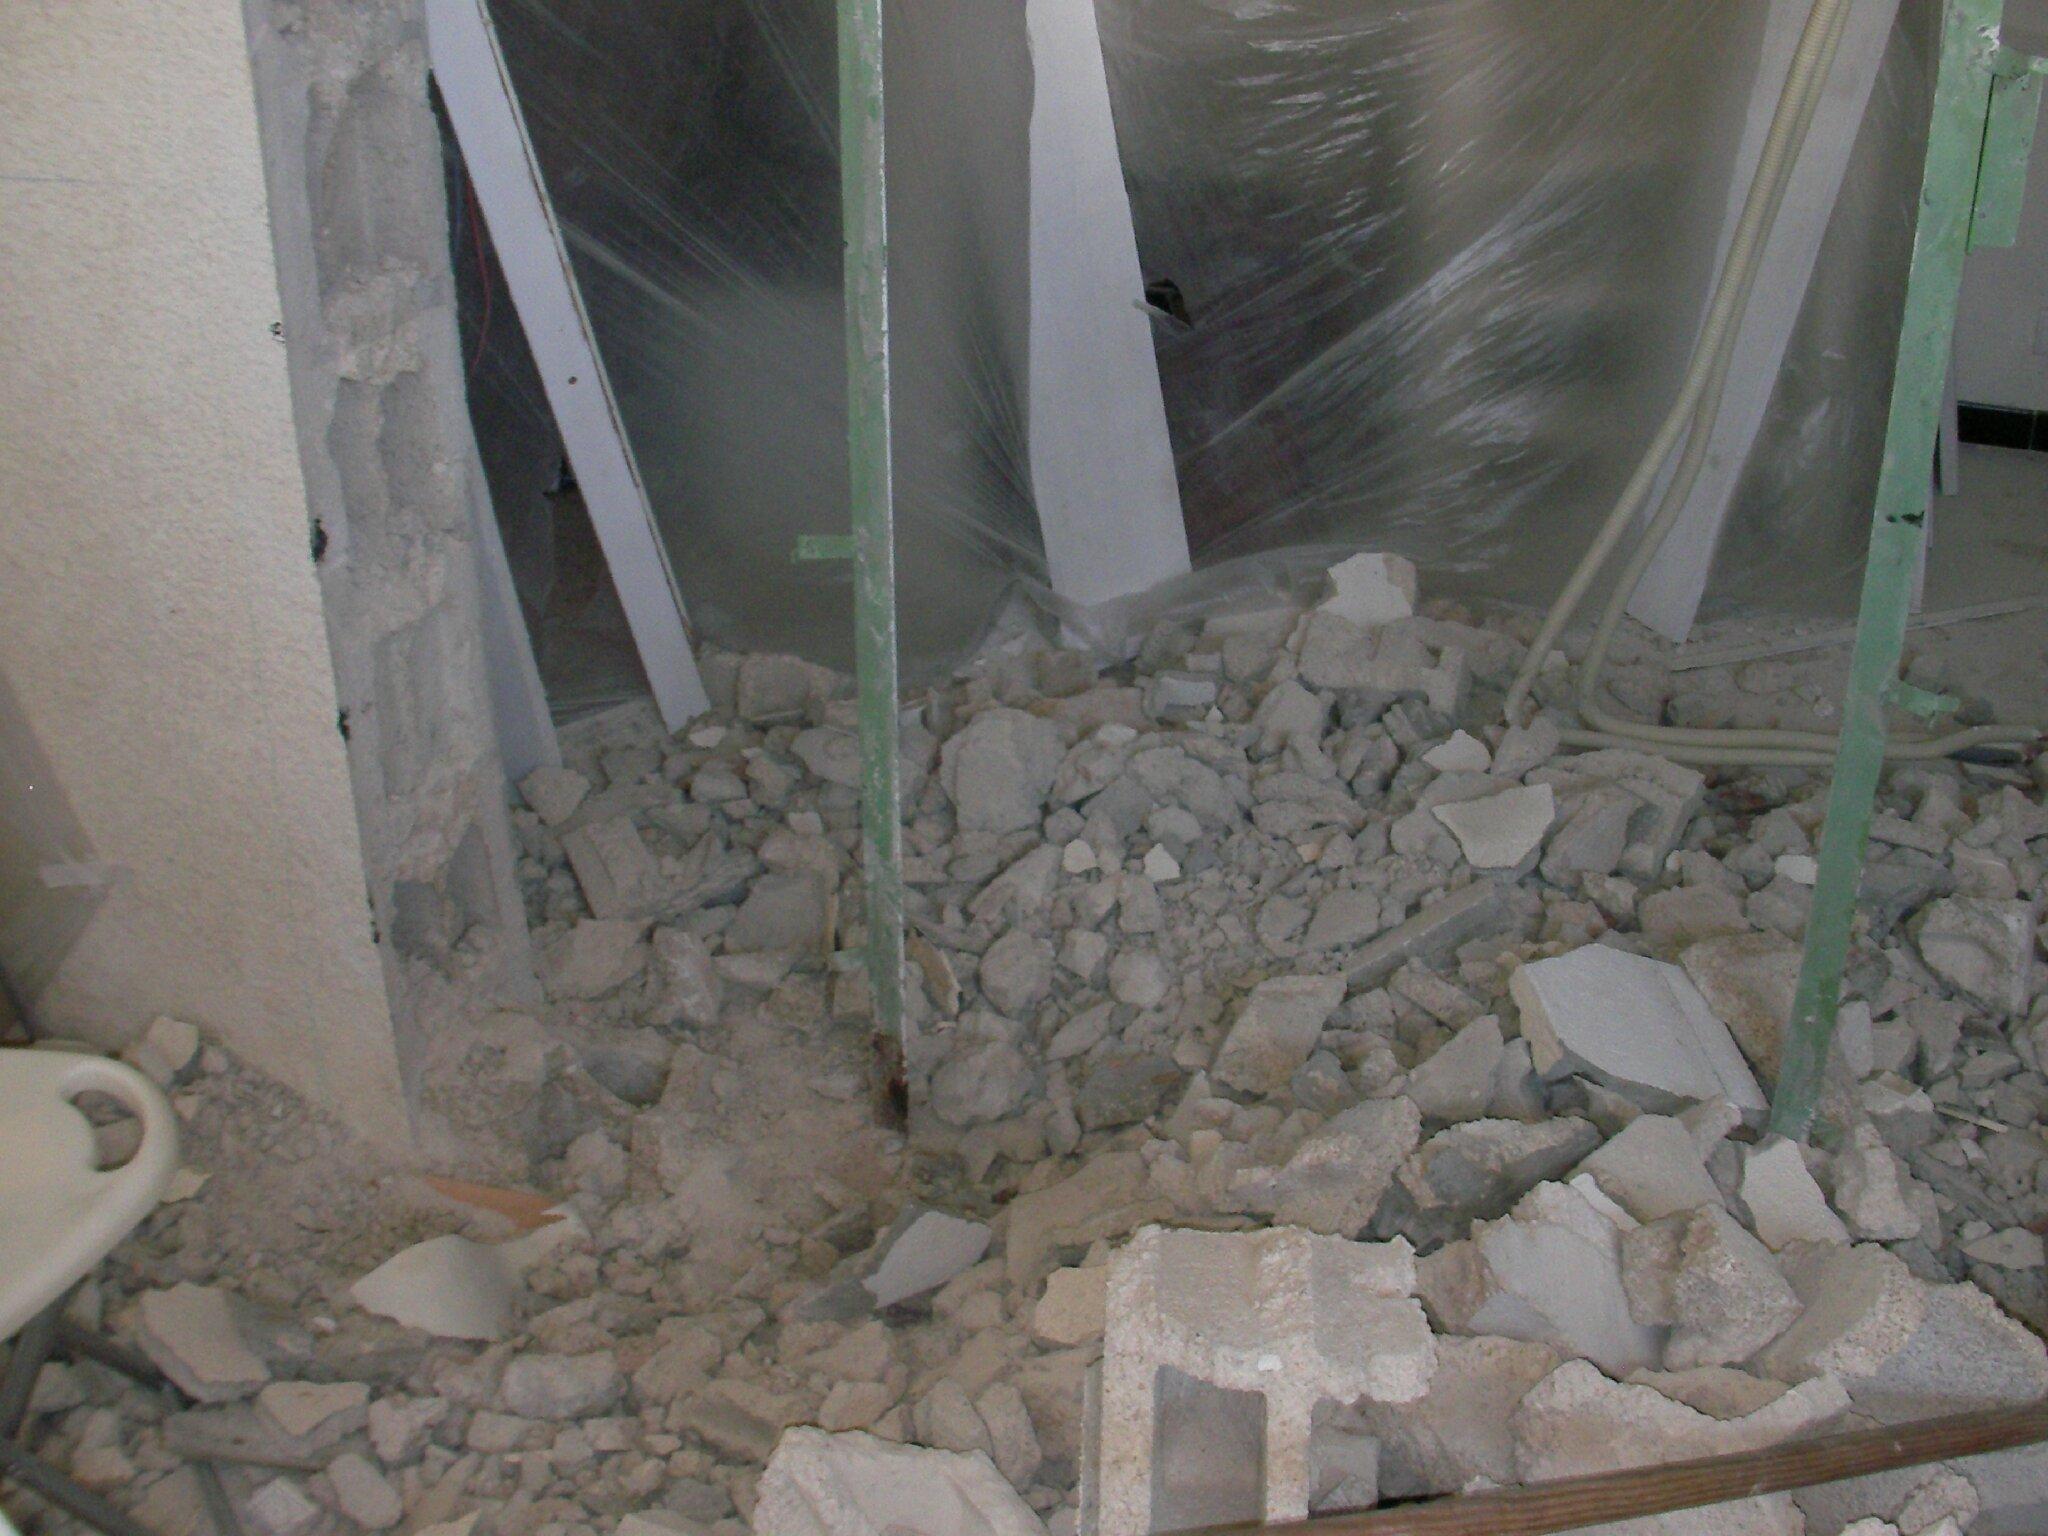 Destruction des murs du bas de la maison en respectant les piliers porteurs bien entendu